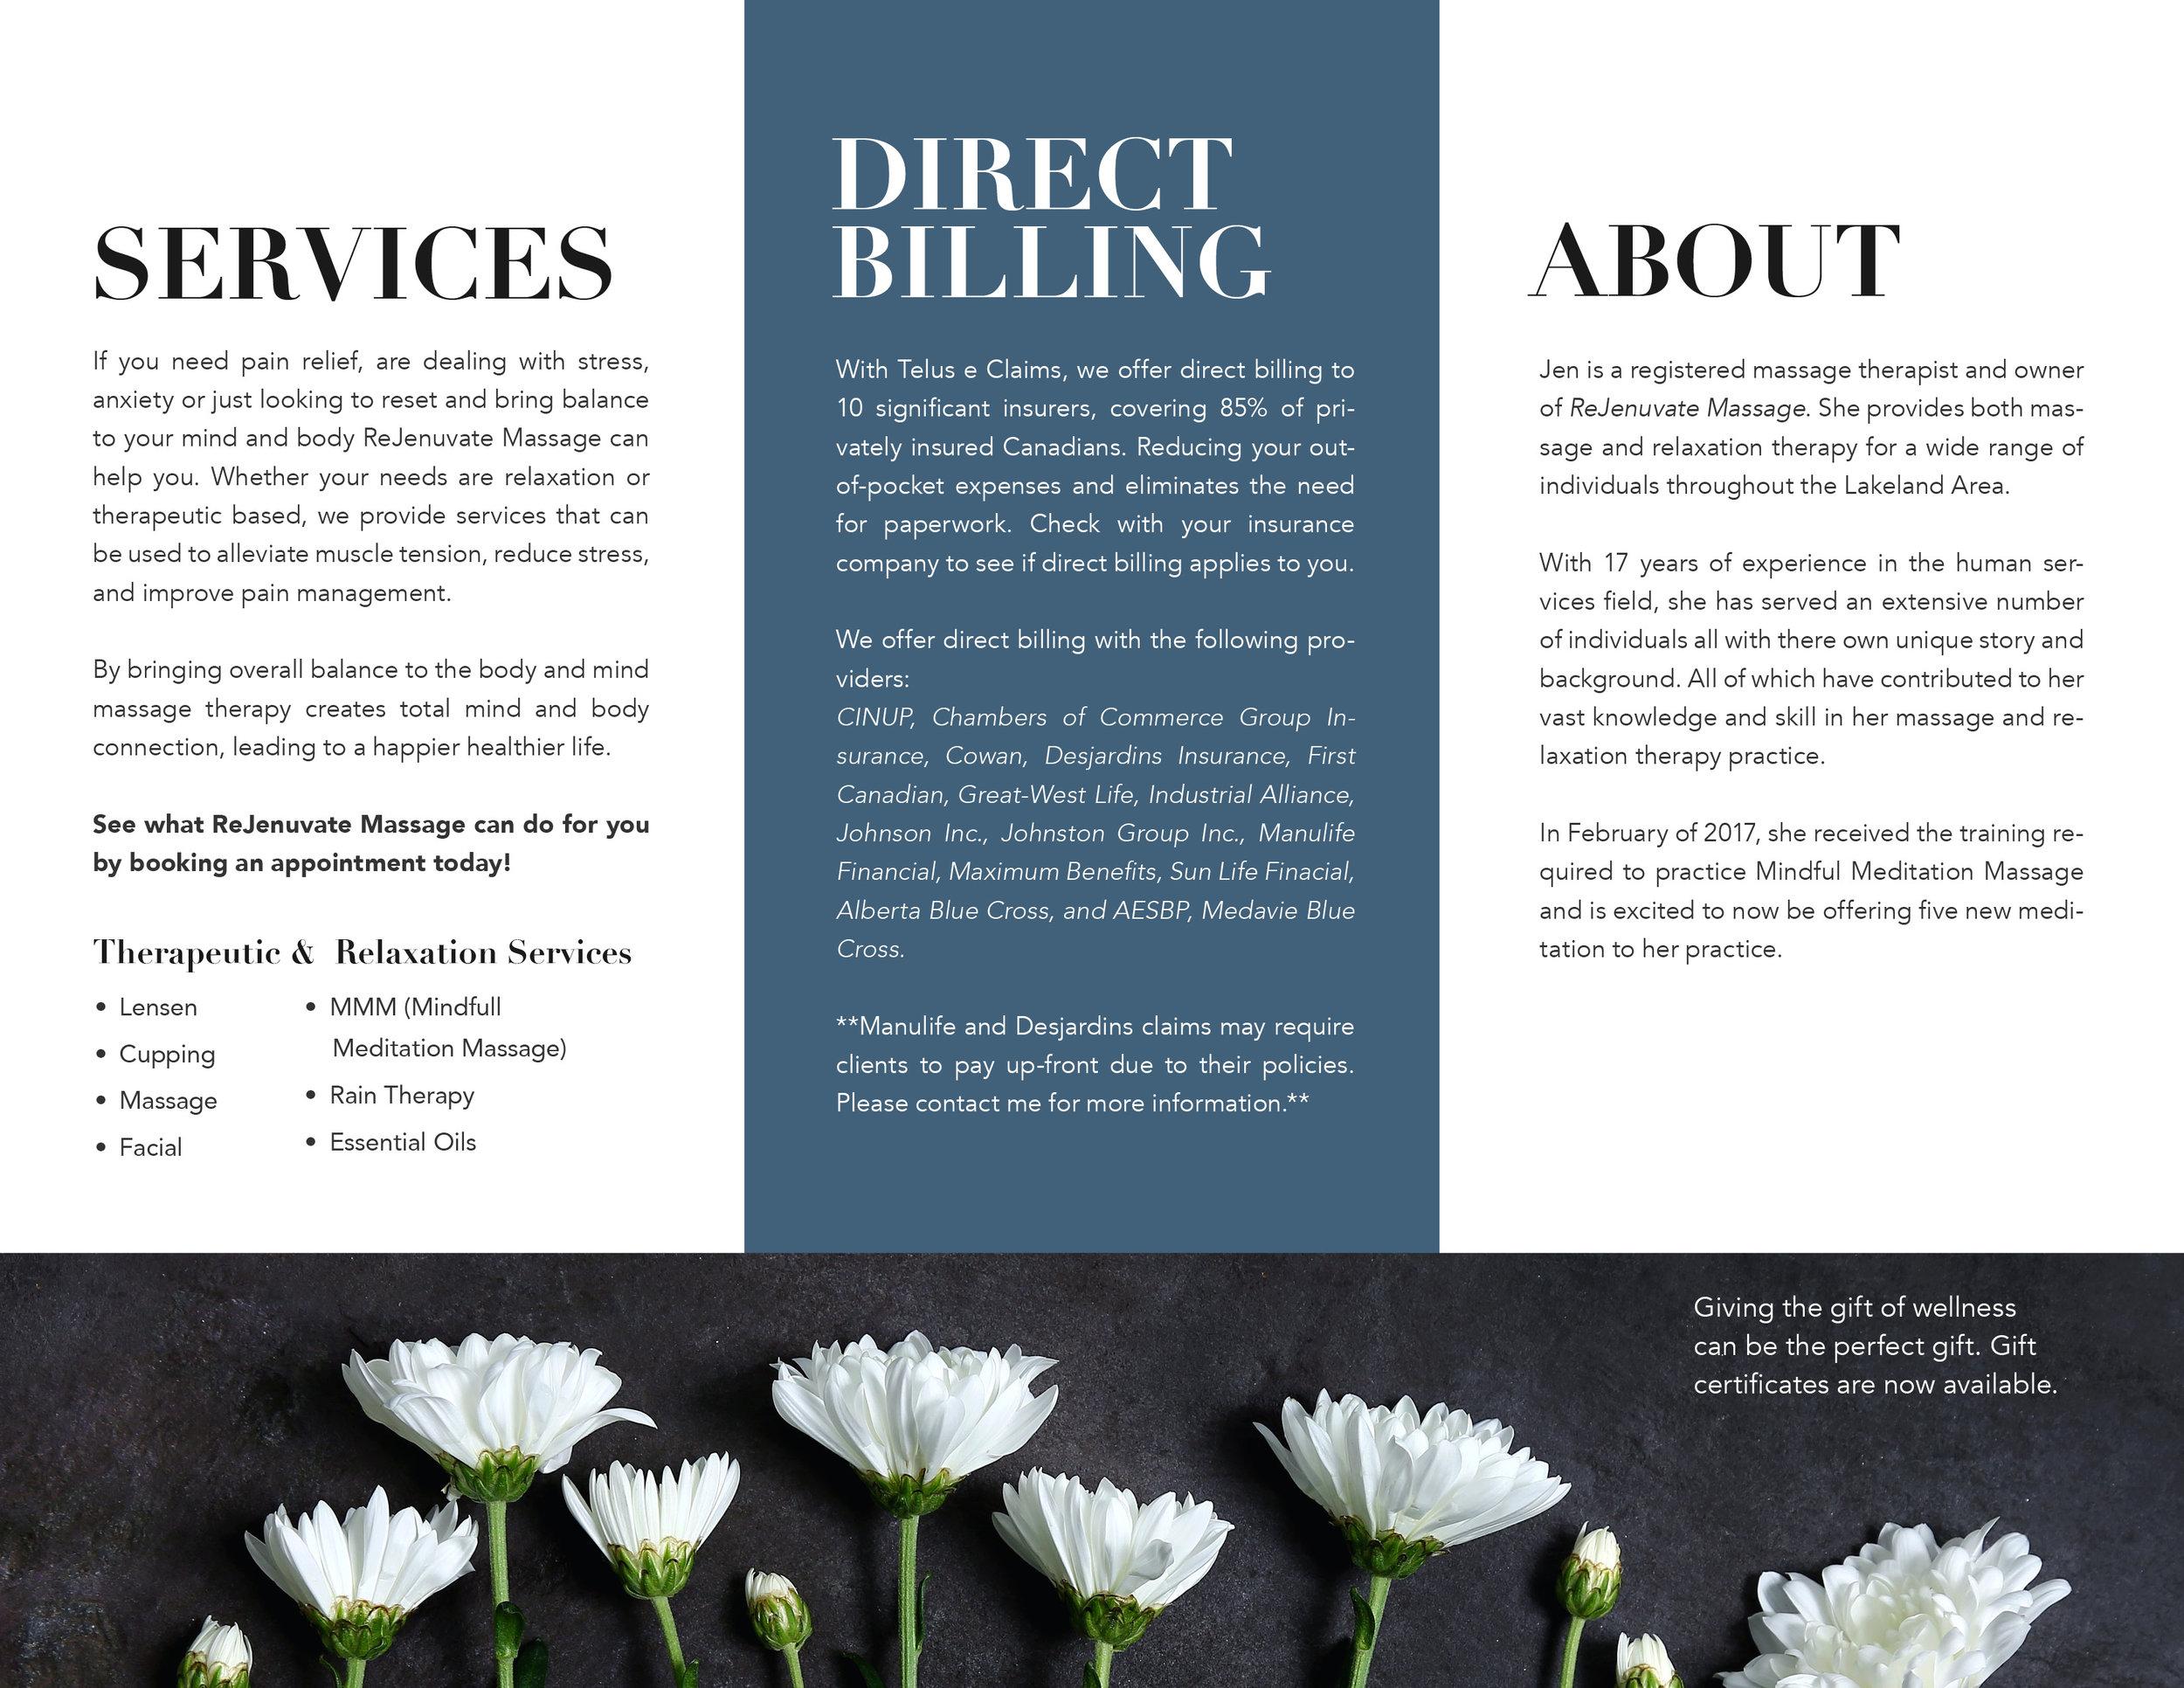 Jen_Brochure_General_Services.jpg